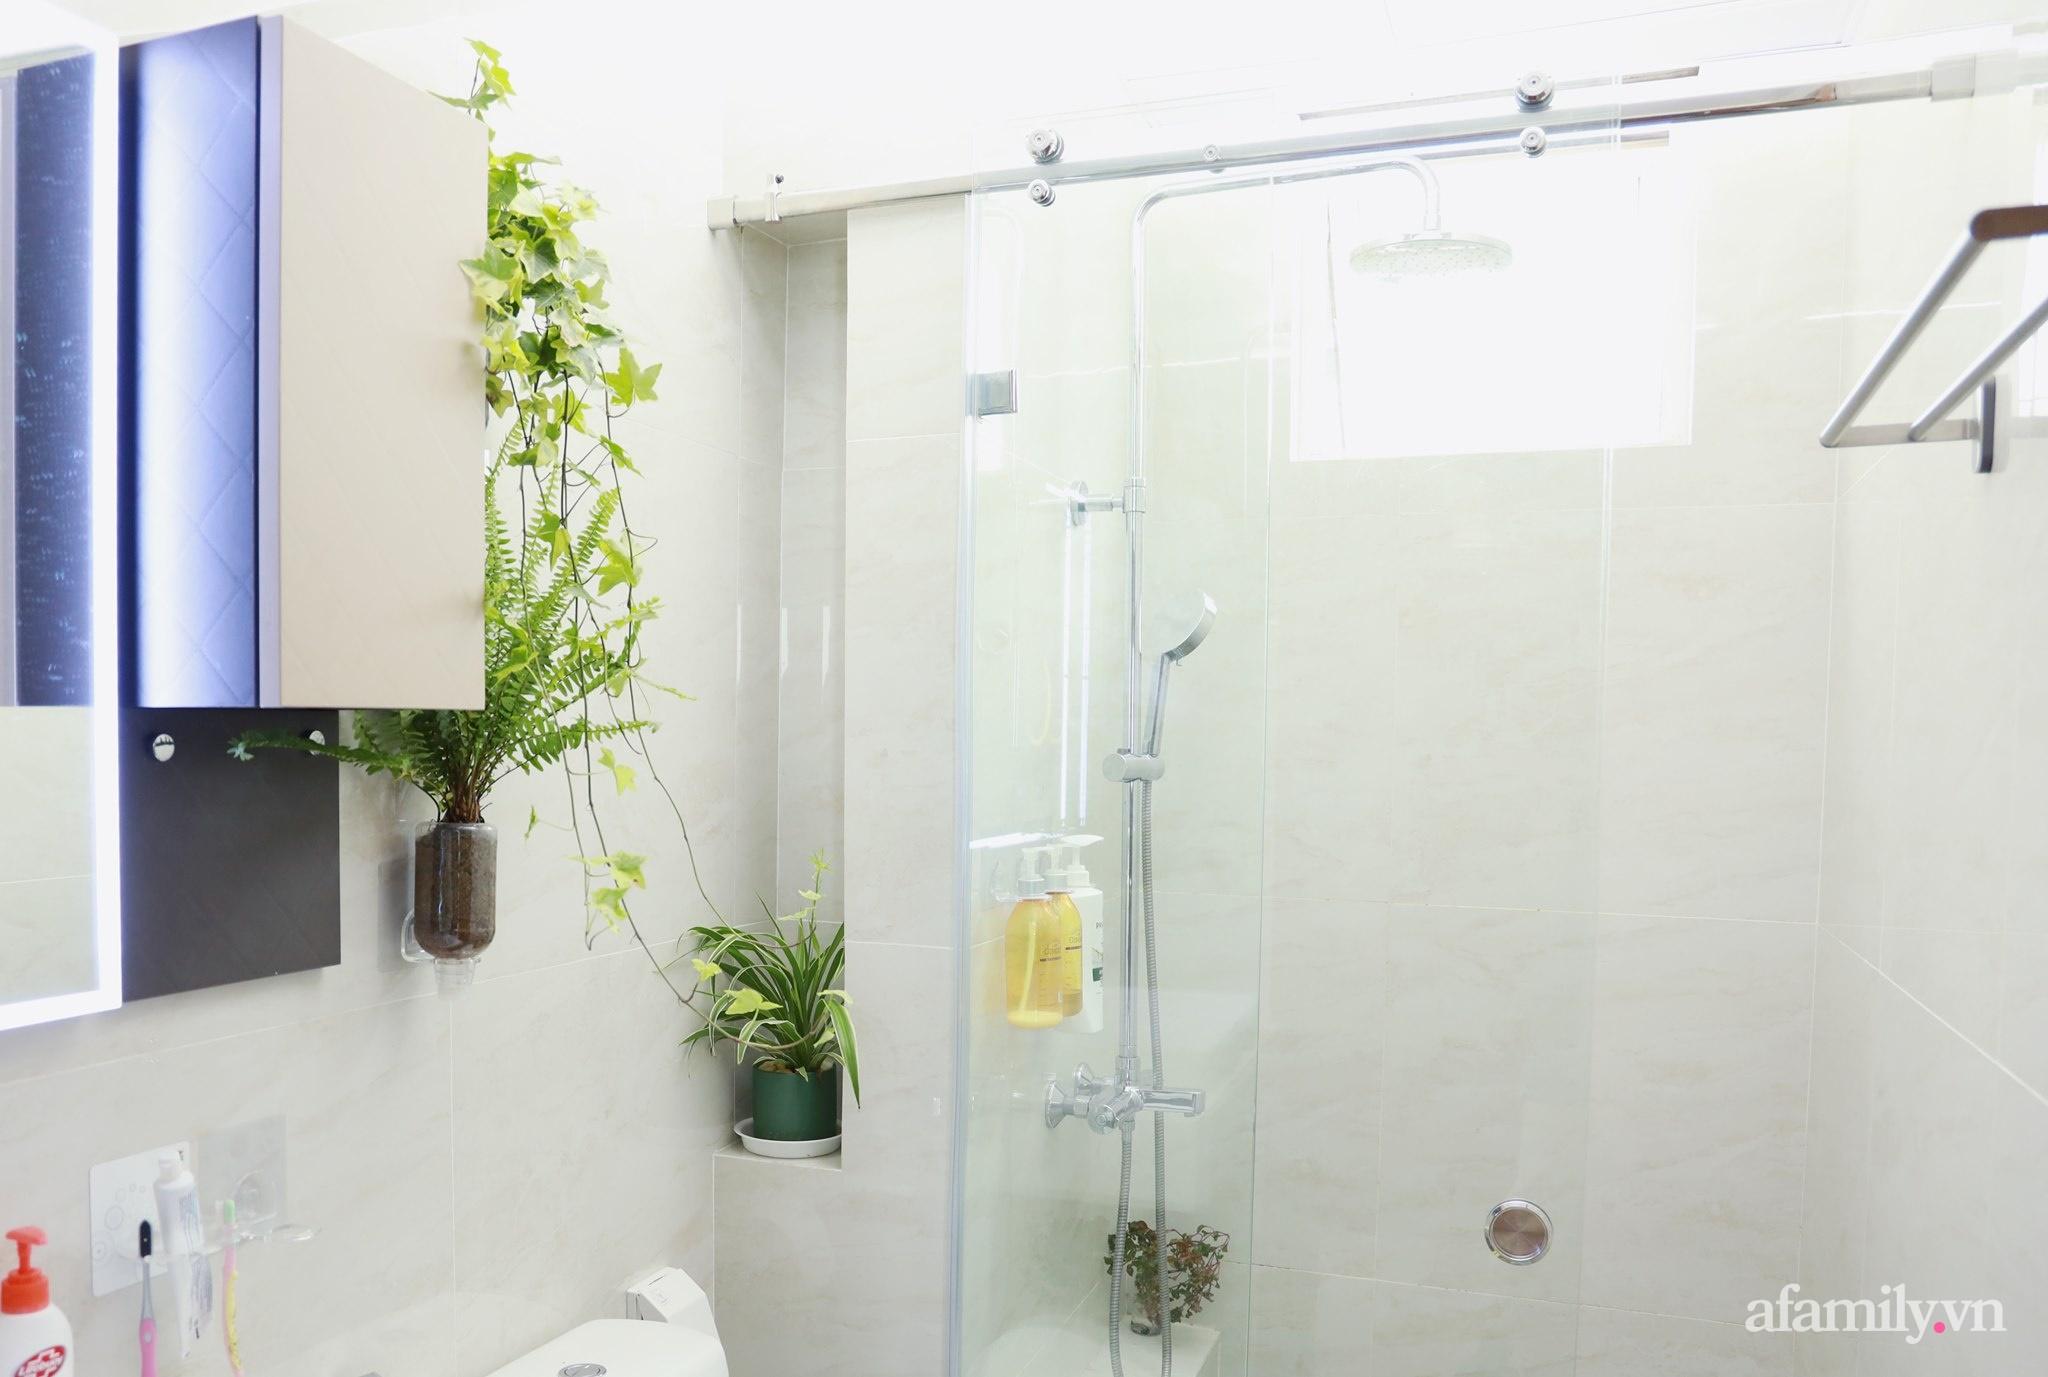 """Biến hình phòng tắm đúng chuẩn hội """"nghiện nhà yêu cây"""" từ những đồ nội thất nhà nào cũng có của cô gái Hà Nội  - Ảnh 6."""